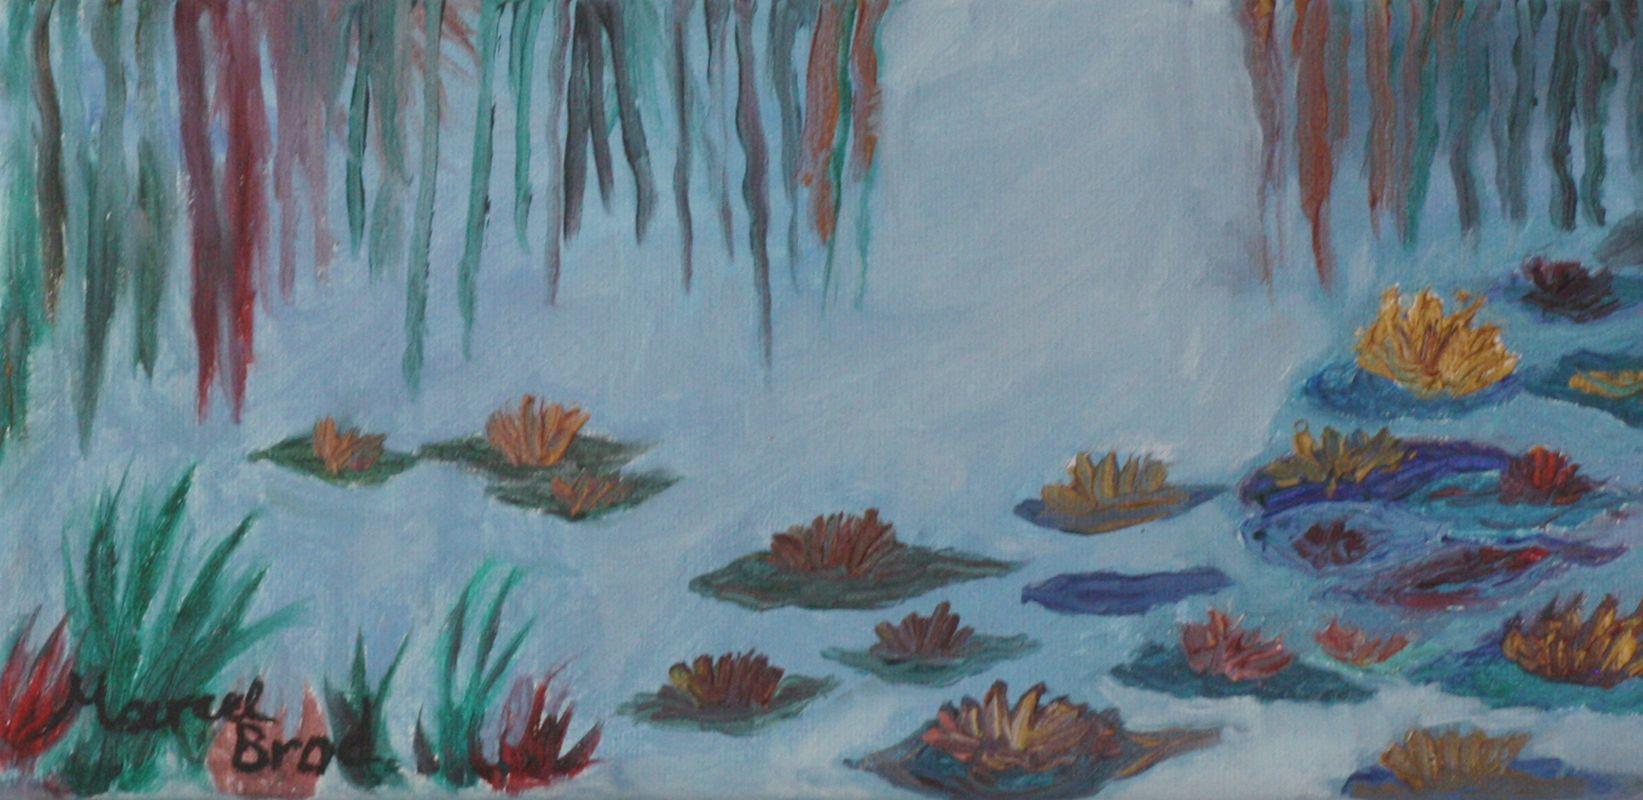 Seerosen (2, 2009, 10 x 25 cm)